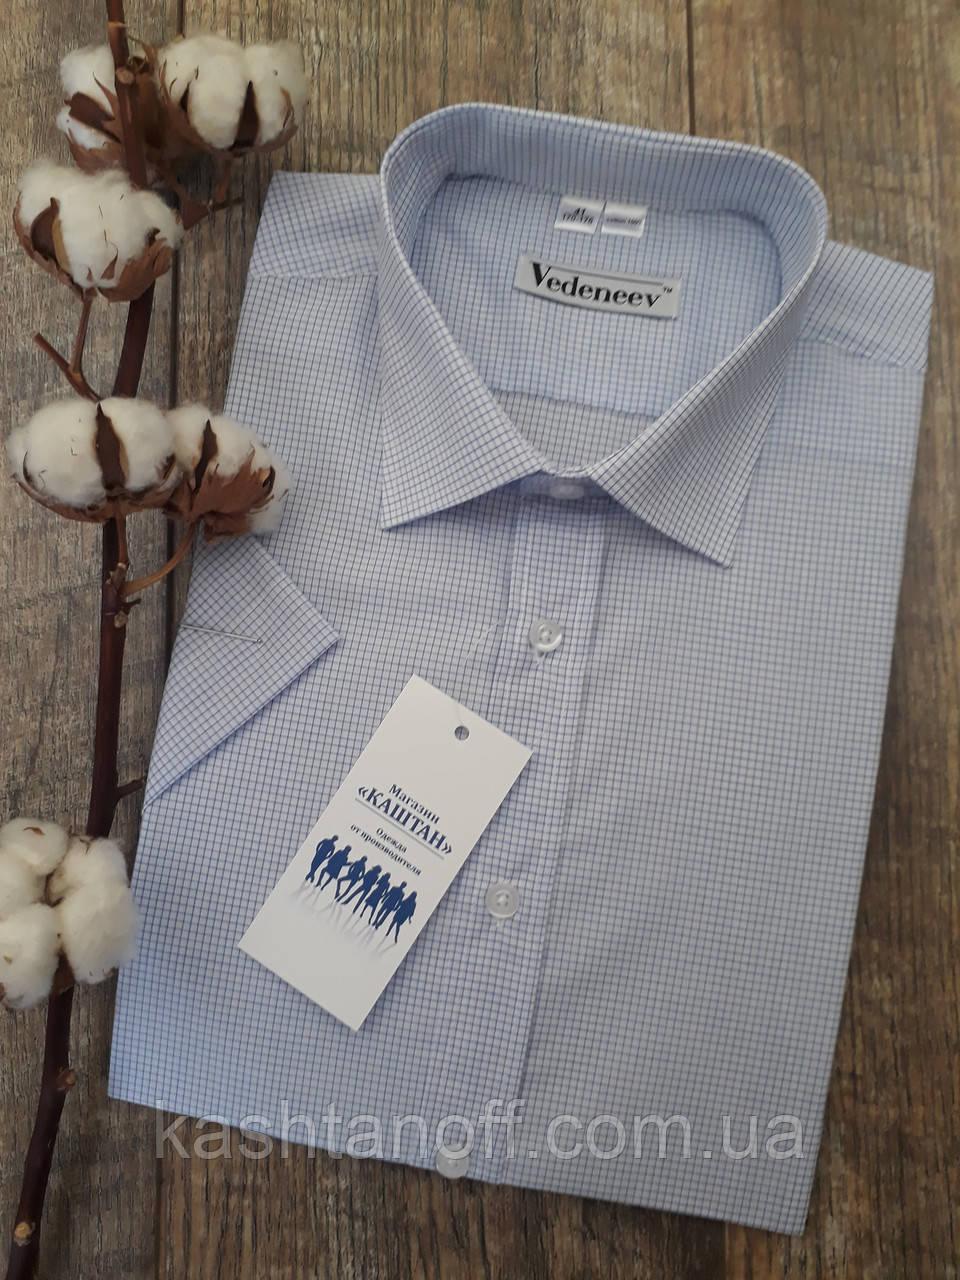 Мужская рубашка белая в мелкую синюю клеточку короткий рукав